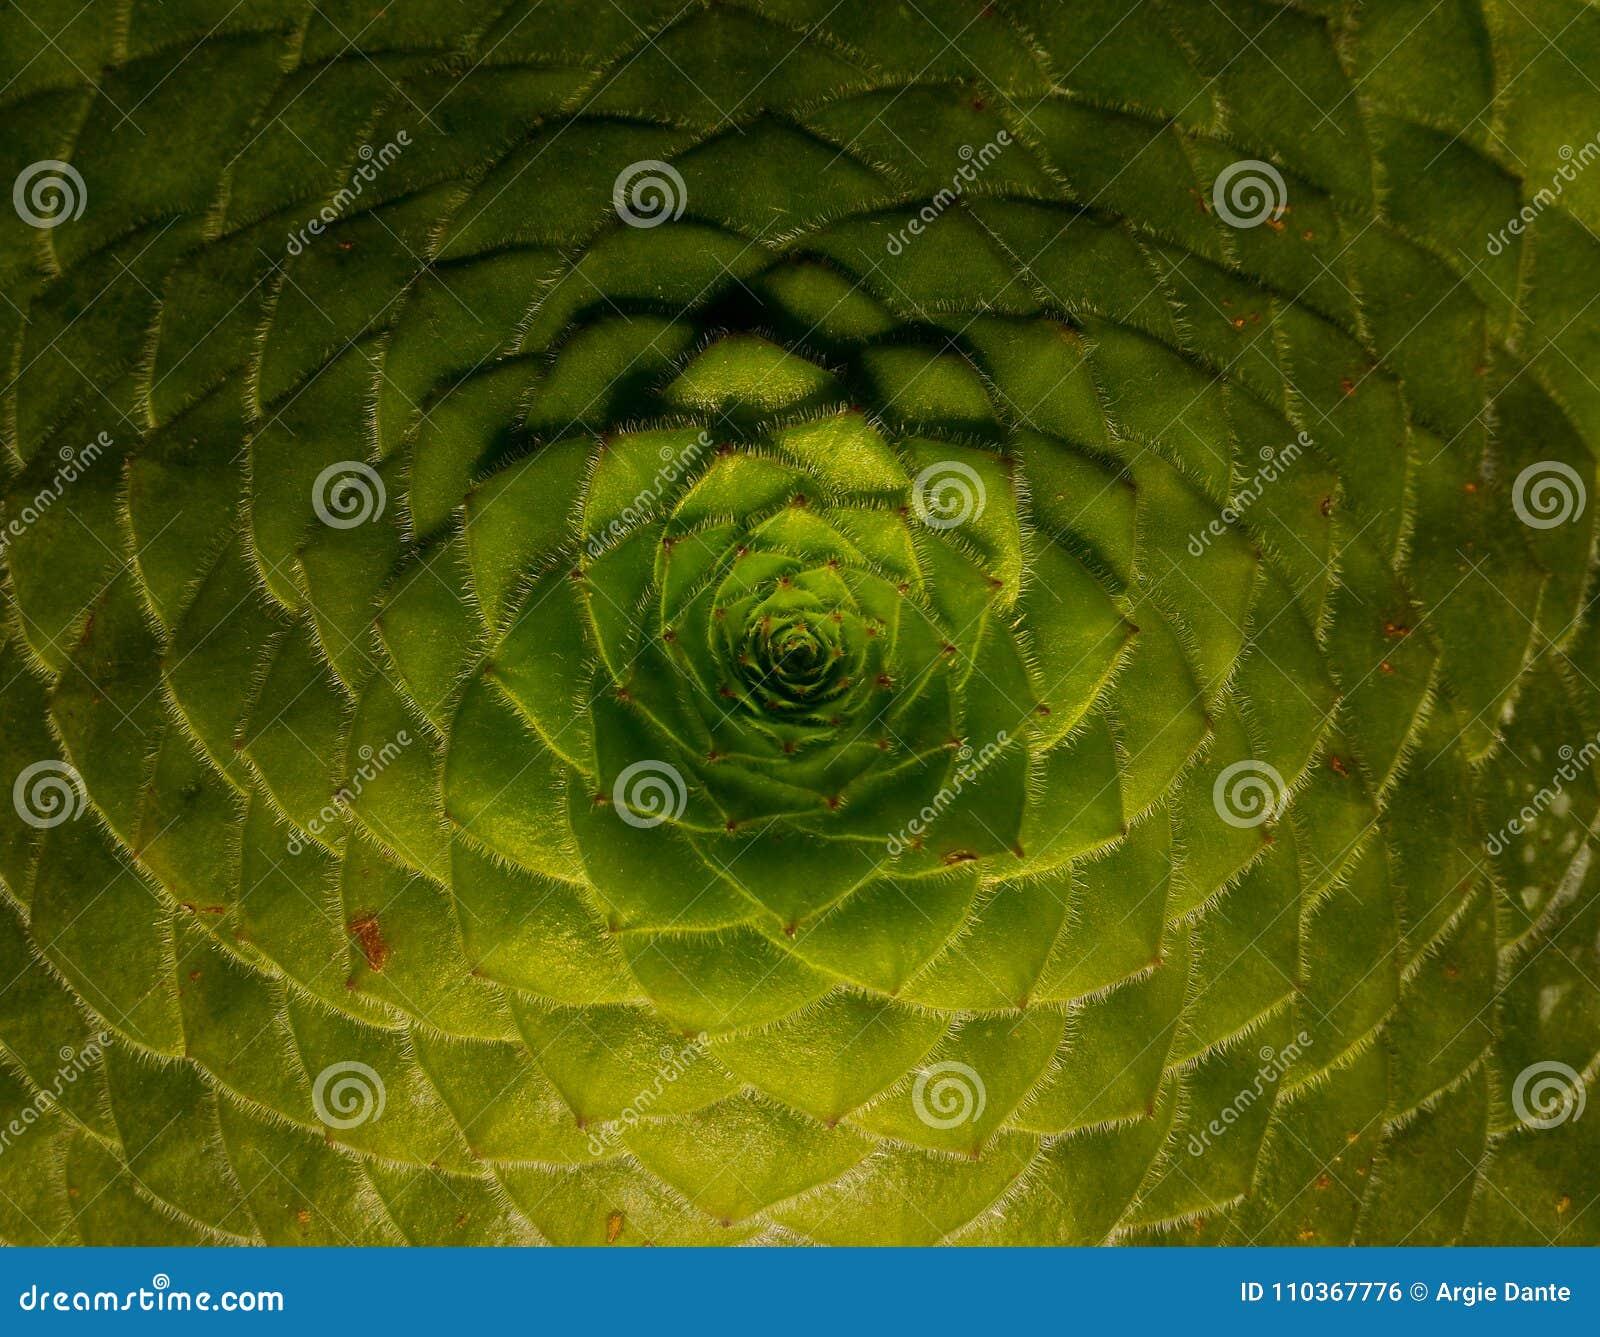 Muster und Reihenfolgen auf Anlagen, Fibonacci-Reihenfolge, goldener Schnitt